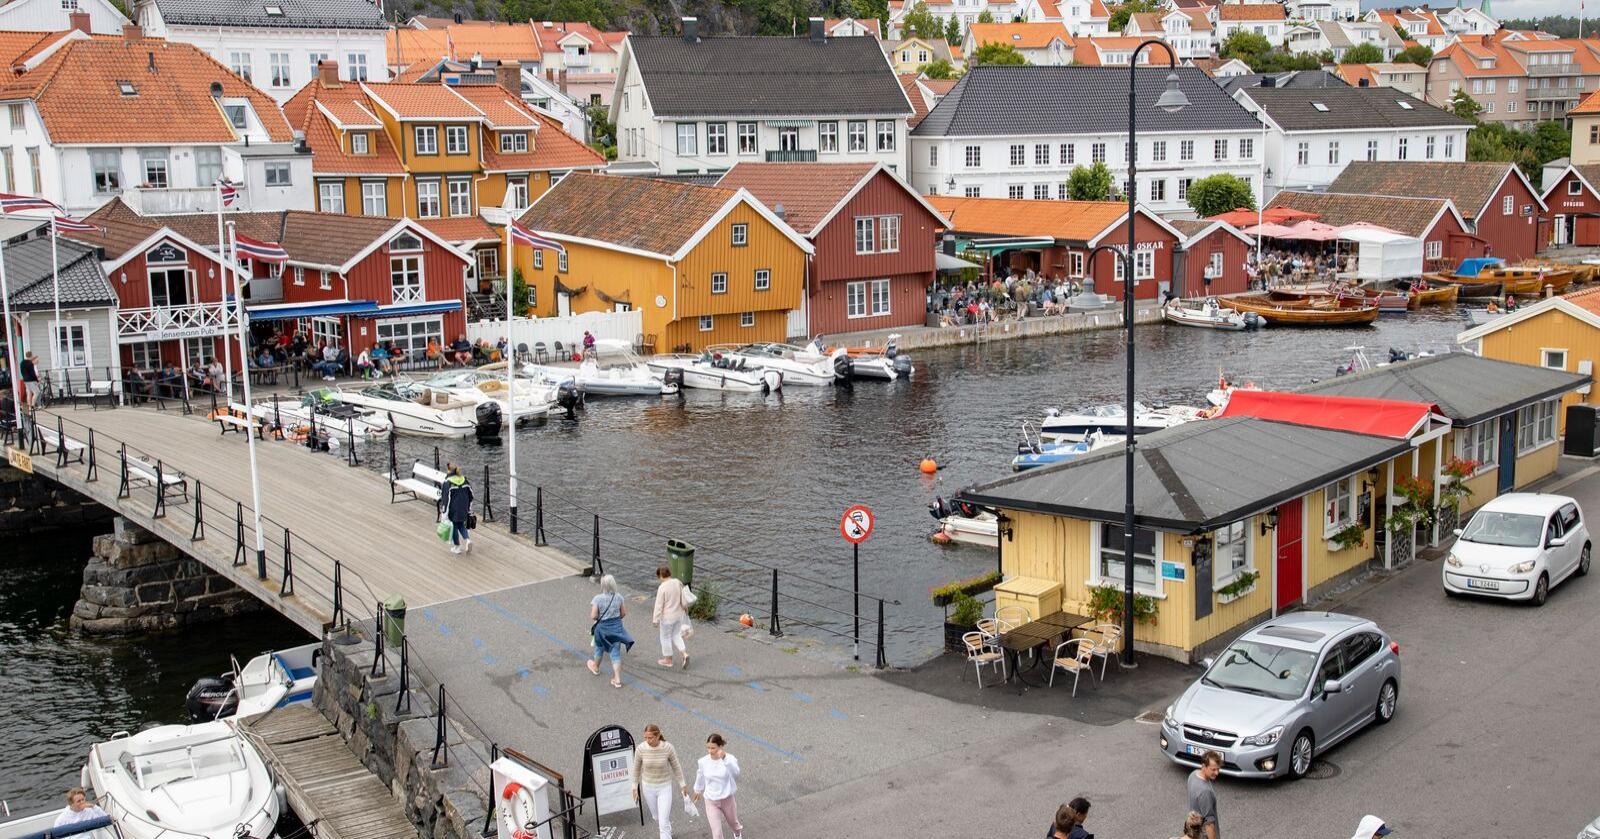 Mindre byer som Kragerø er viktige, men blir glemt, mener Linda Hofstad Helleland (H). Foto: Geir Olsen / NTB